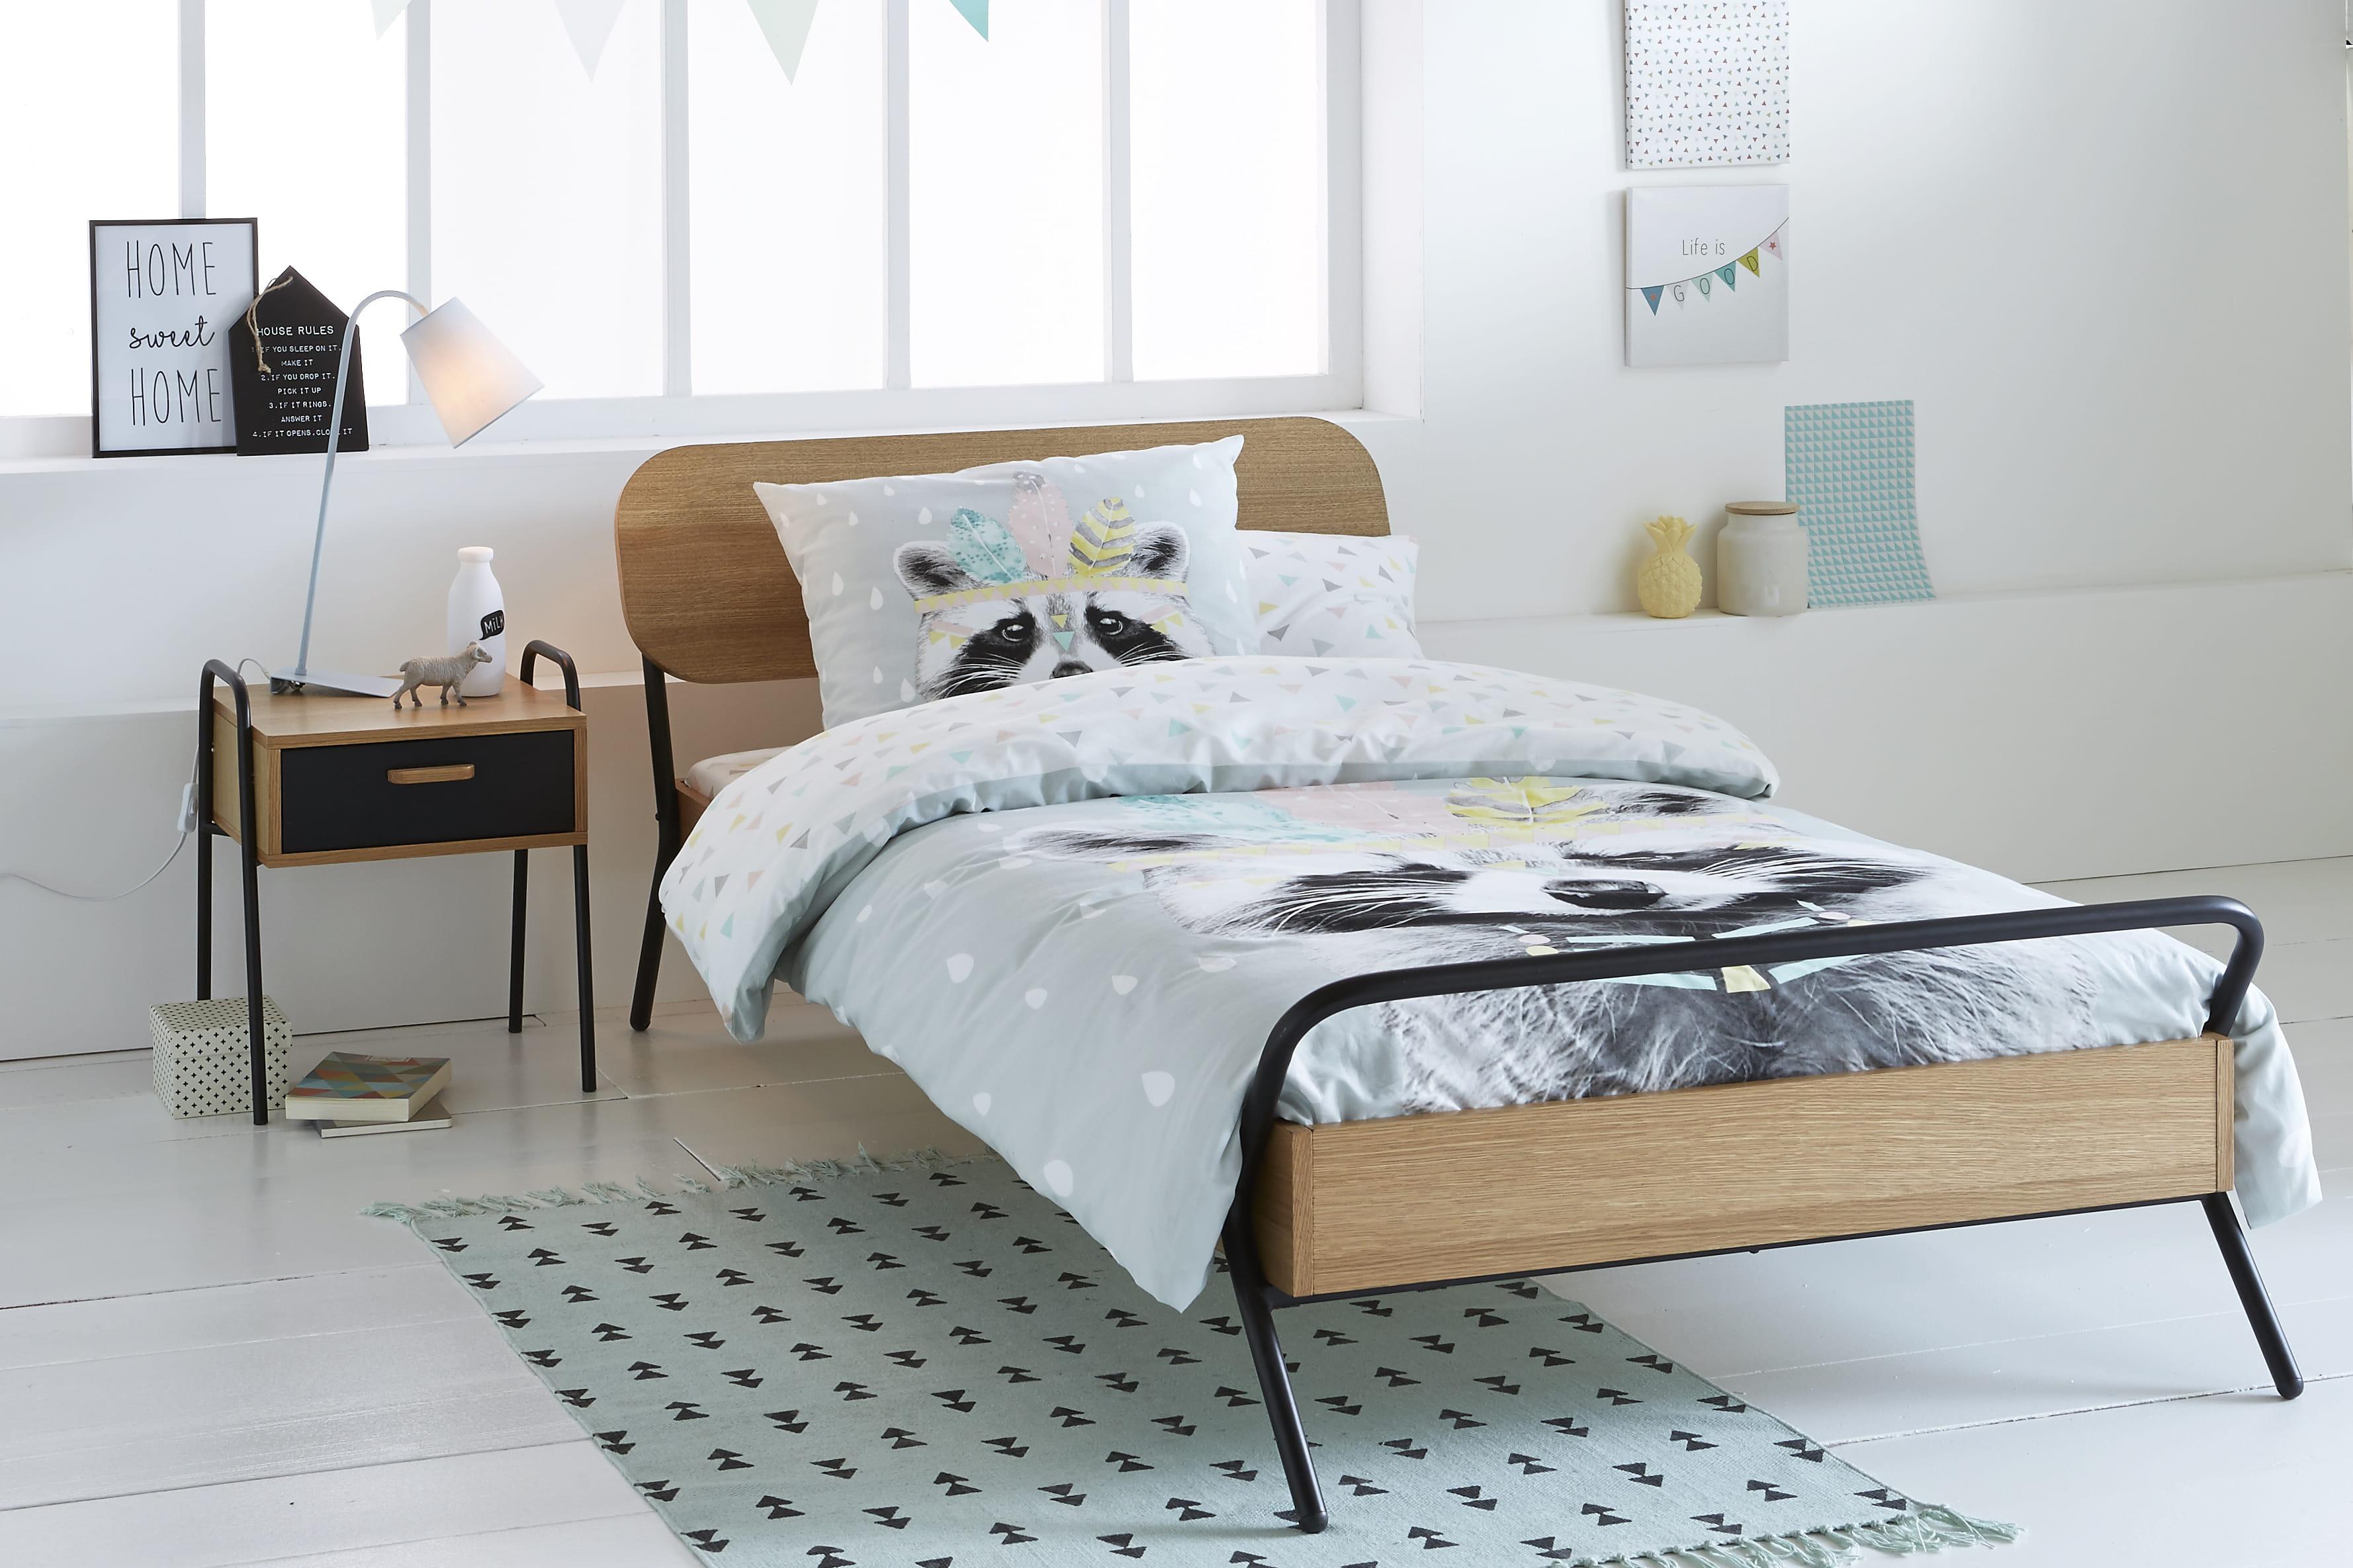 chambre d 39 enfant une nouvelle couette pour trois fois. Black Bedroom Furniture Sets. Home Design Ideas